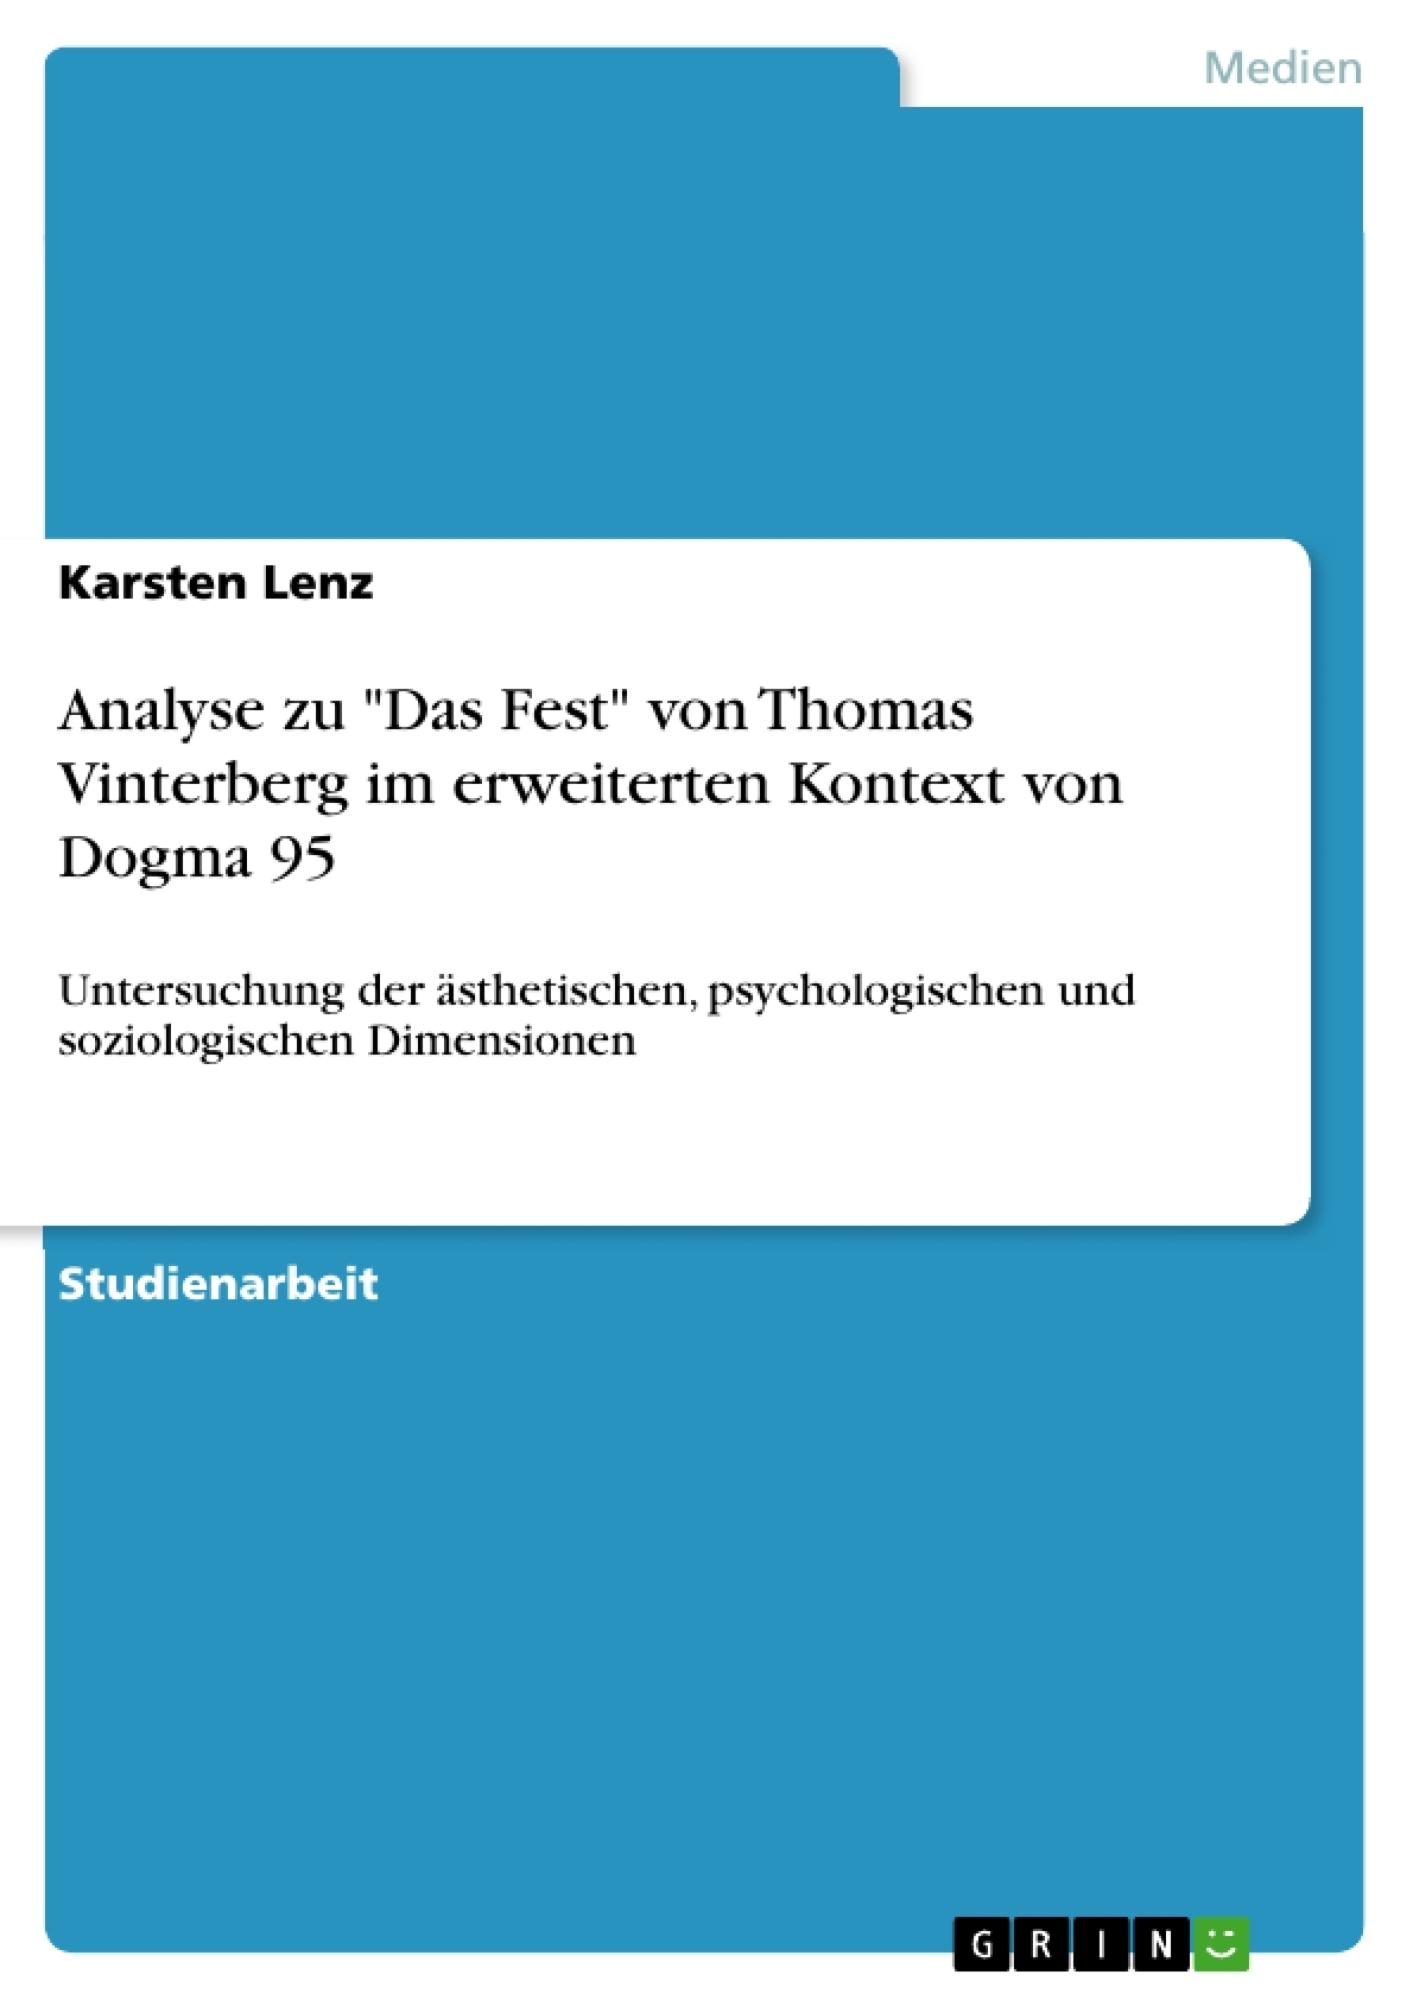 """Titel: Analyse zu """"Das Fest"""" von Thomas Vinterberg im erweiterten Kontext von Dogma 95"""